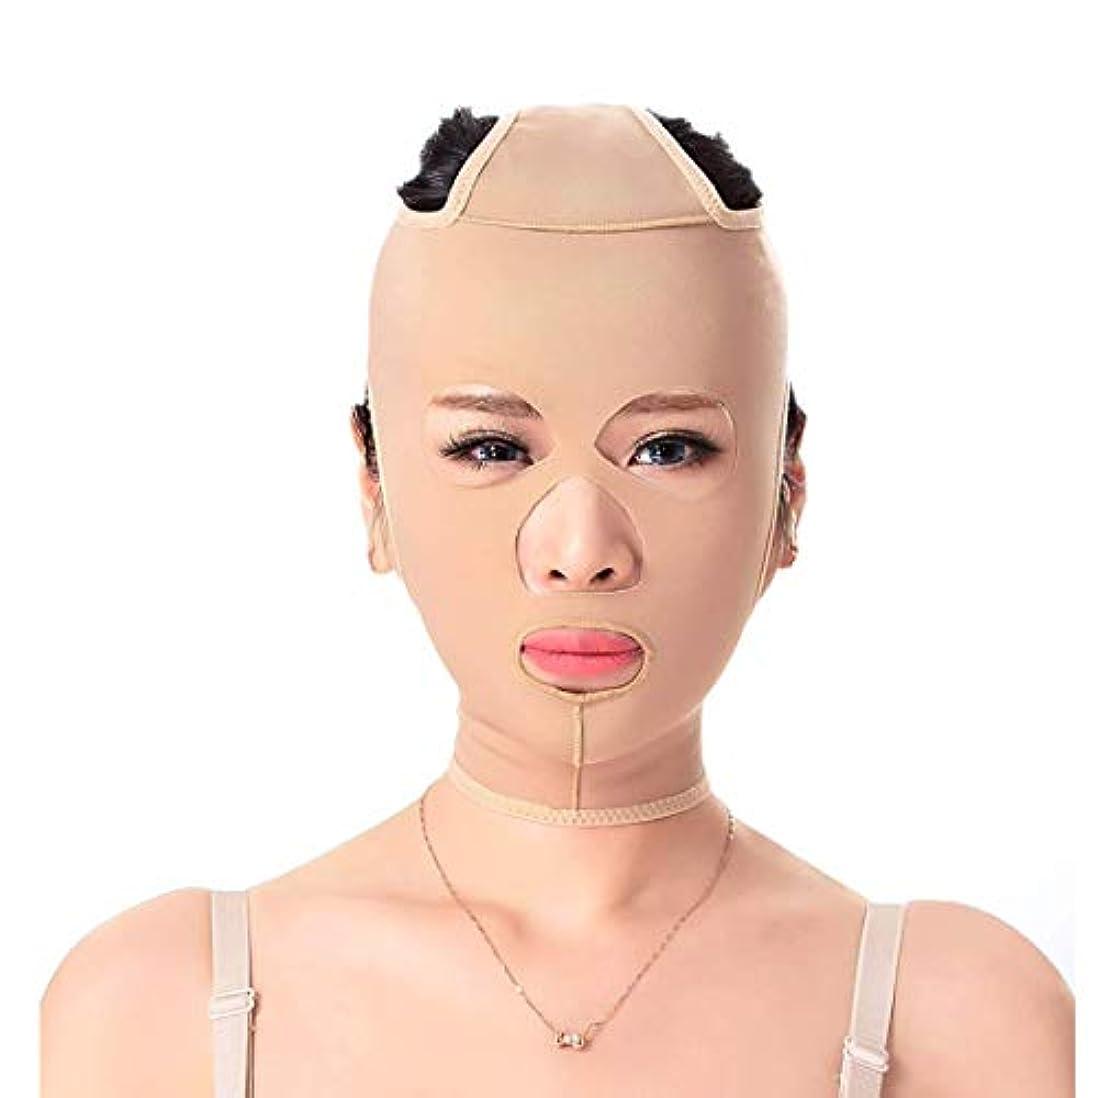 スリミングベルト、二重あごの引き締め顔面プラスチック顔アーティファクト強力な顔の包帯を脇に持ち上げるパターンを欺くためのフェイシャルマスク薄いフェイスマスク(サイズ:XXL),XXL